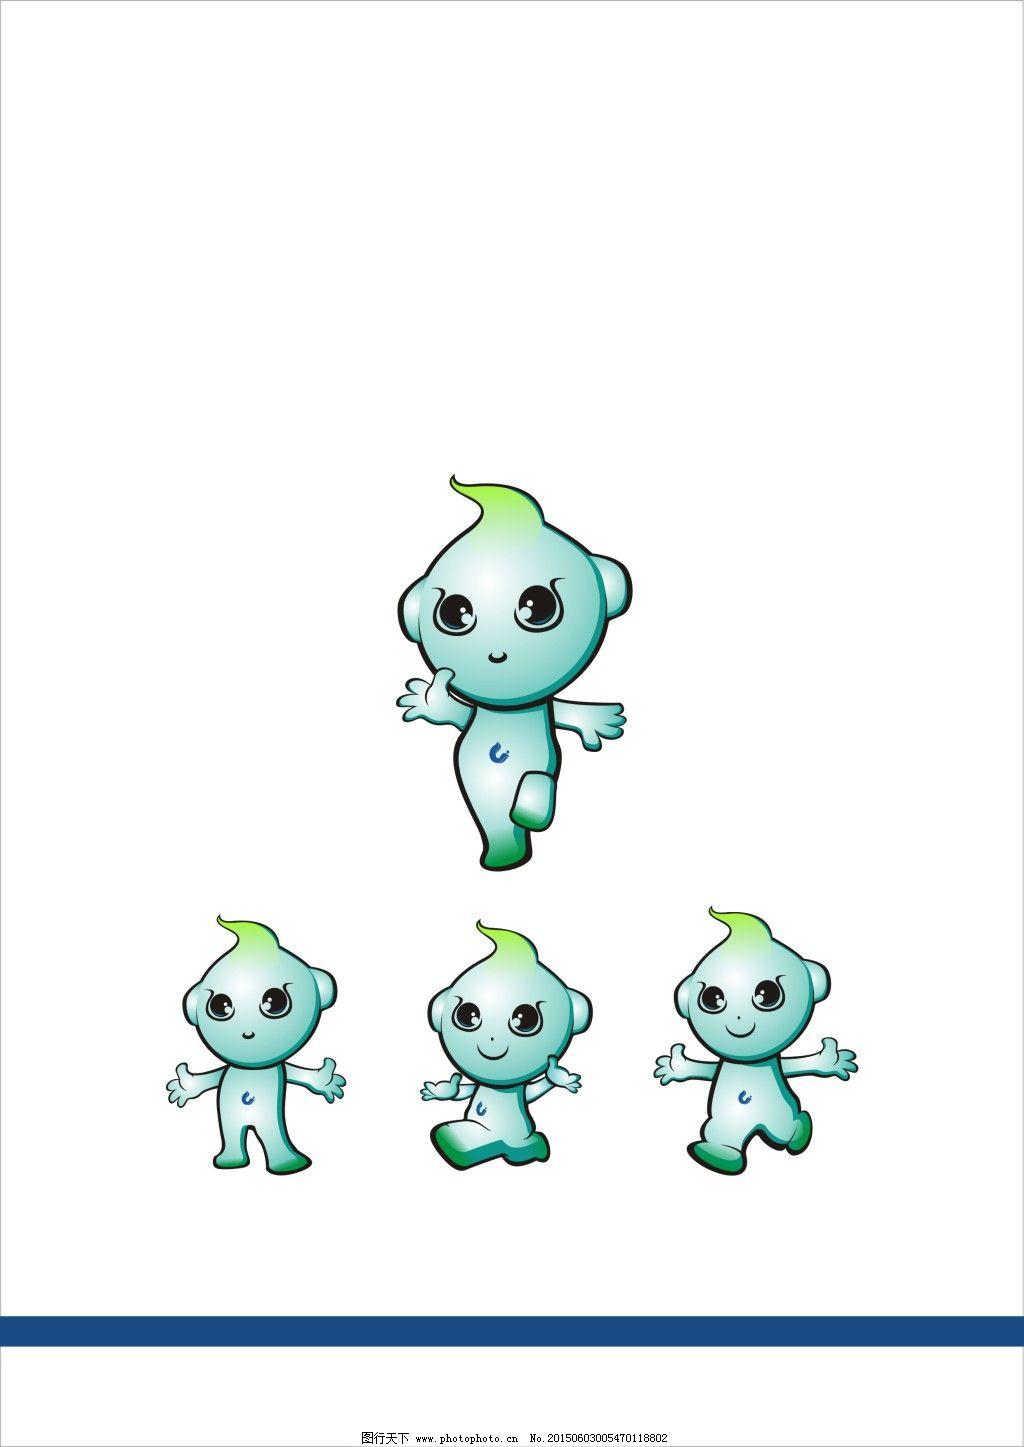 吉祥物免费下载 logo 吉祥物 科技 吉祥物      科技 矢量图 矢量人物